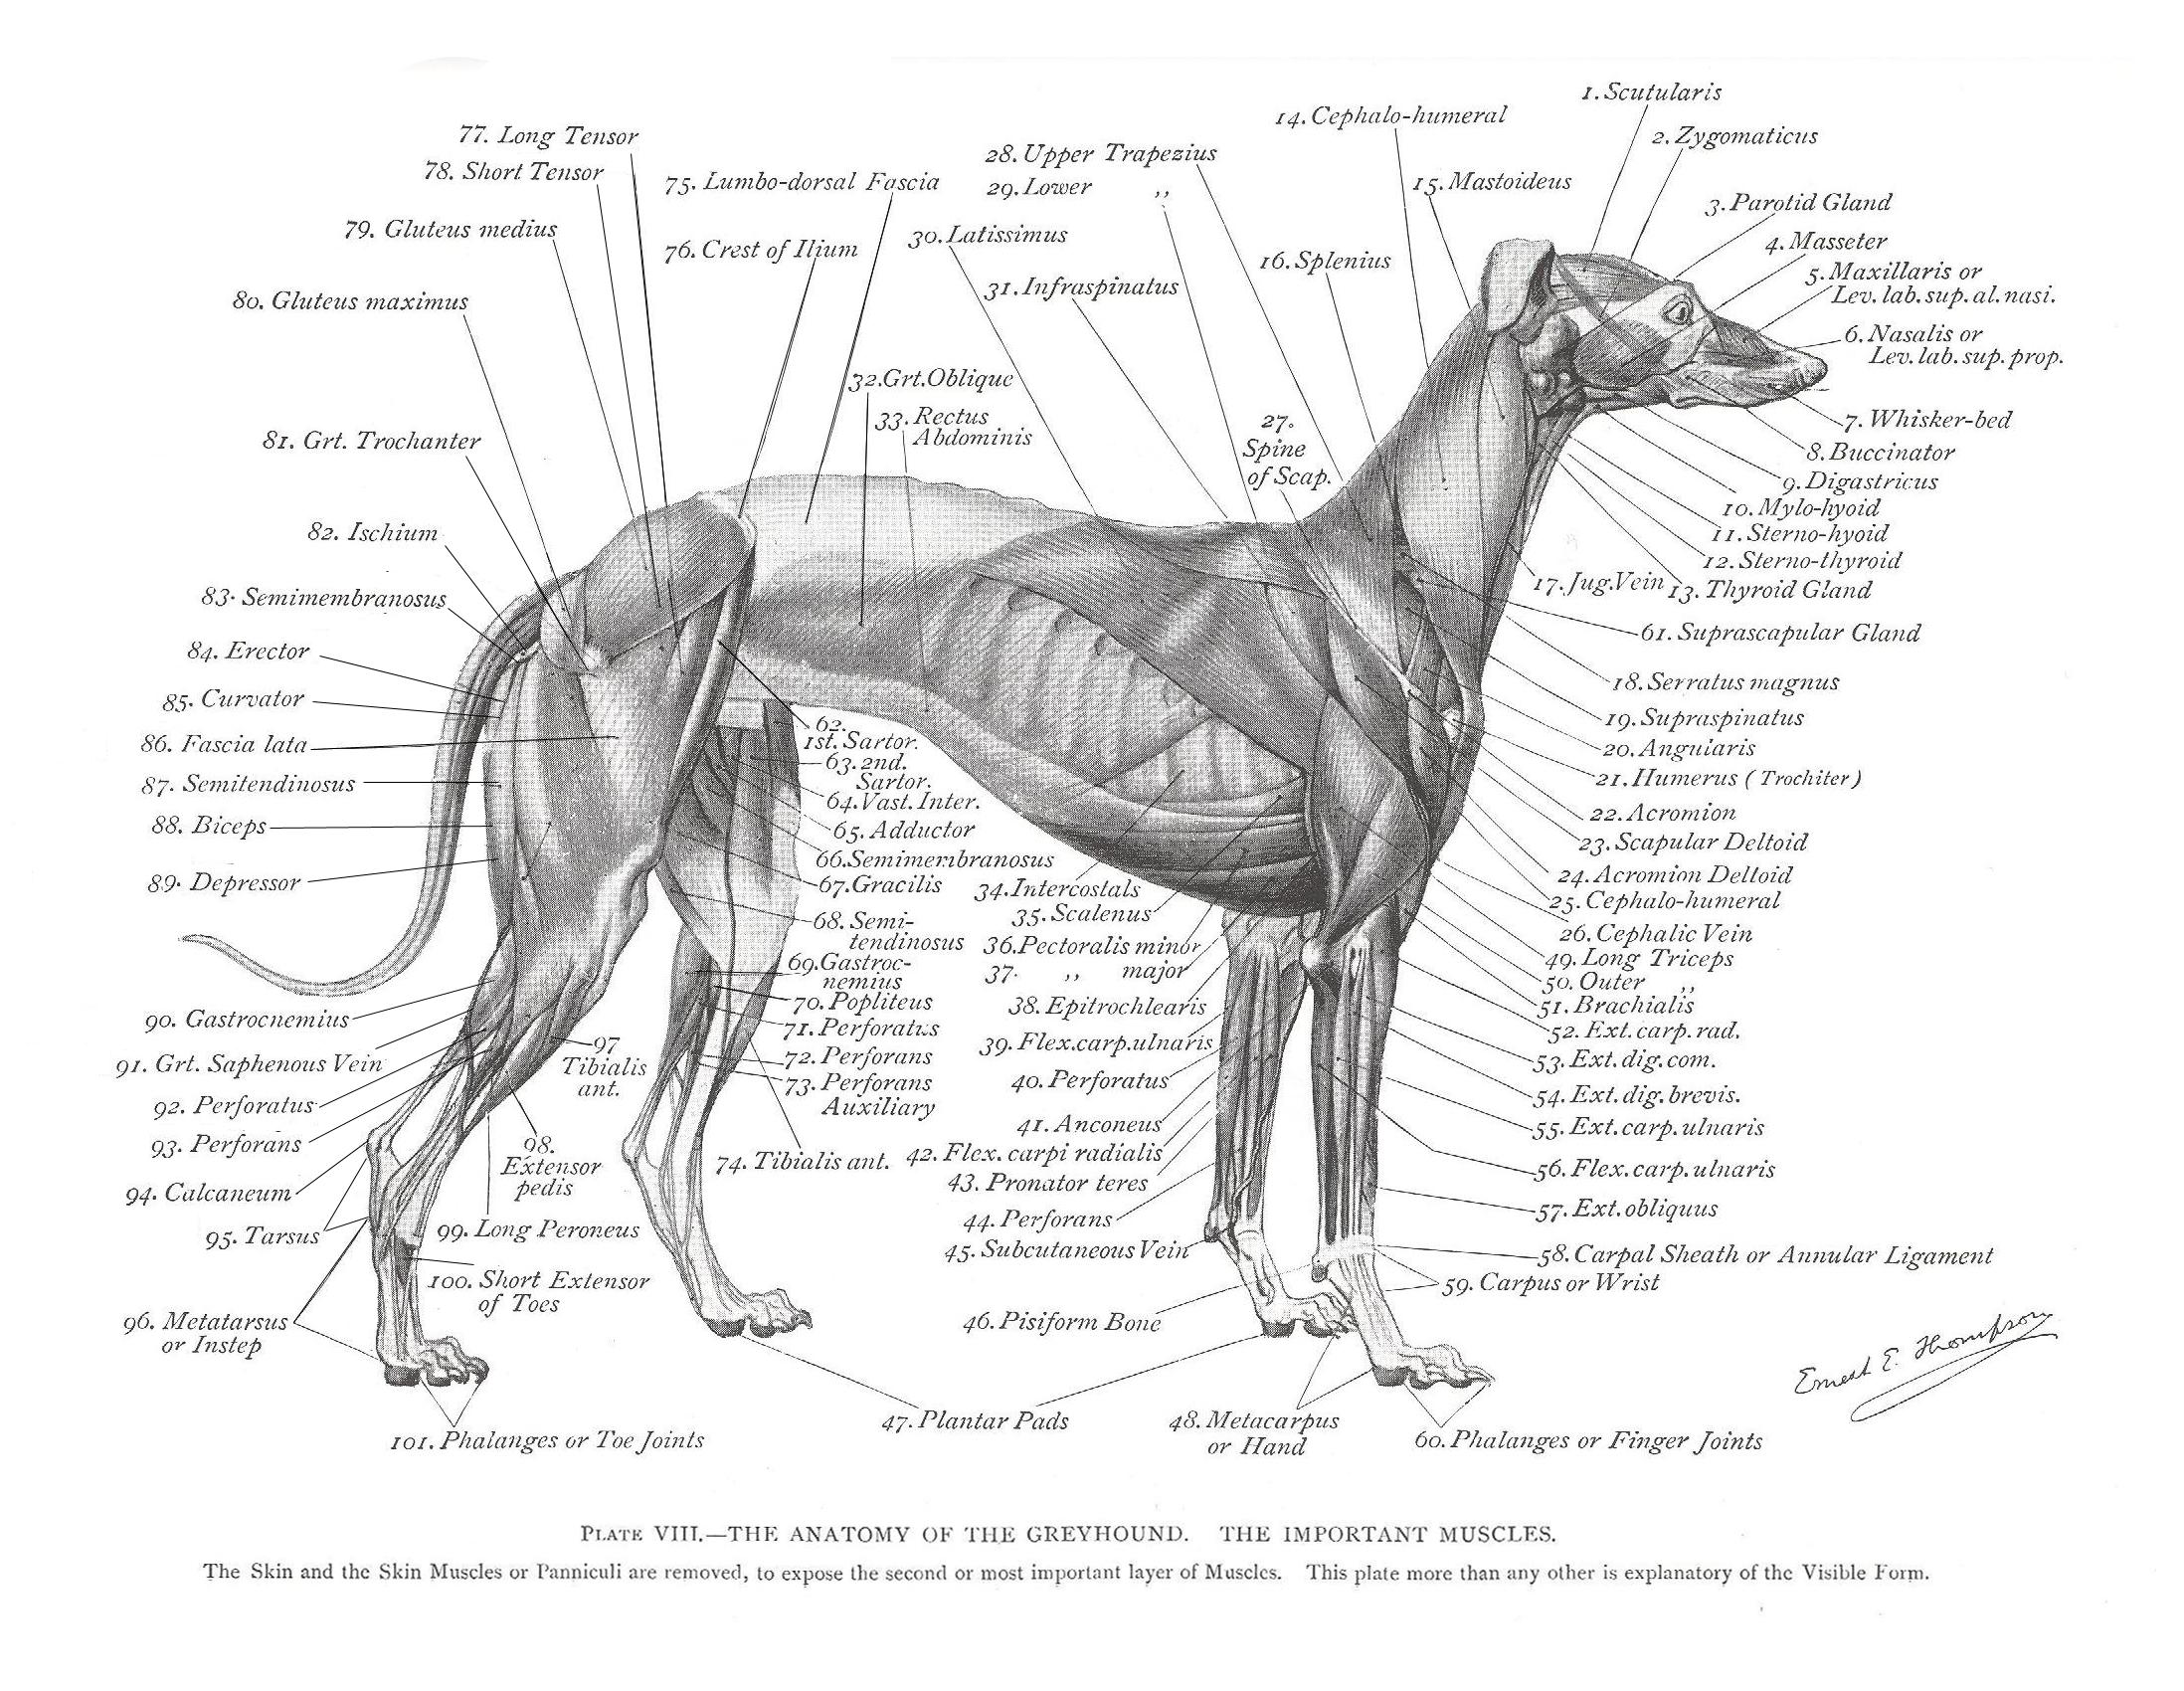 dog hind leg diagram suzuki eiger ignition wiring greyhound anatomy the muscles click link